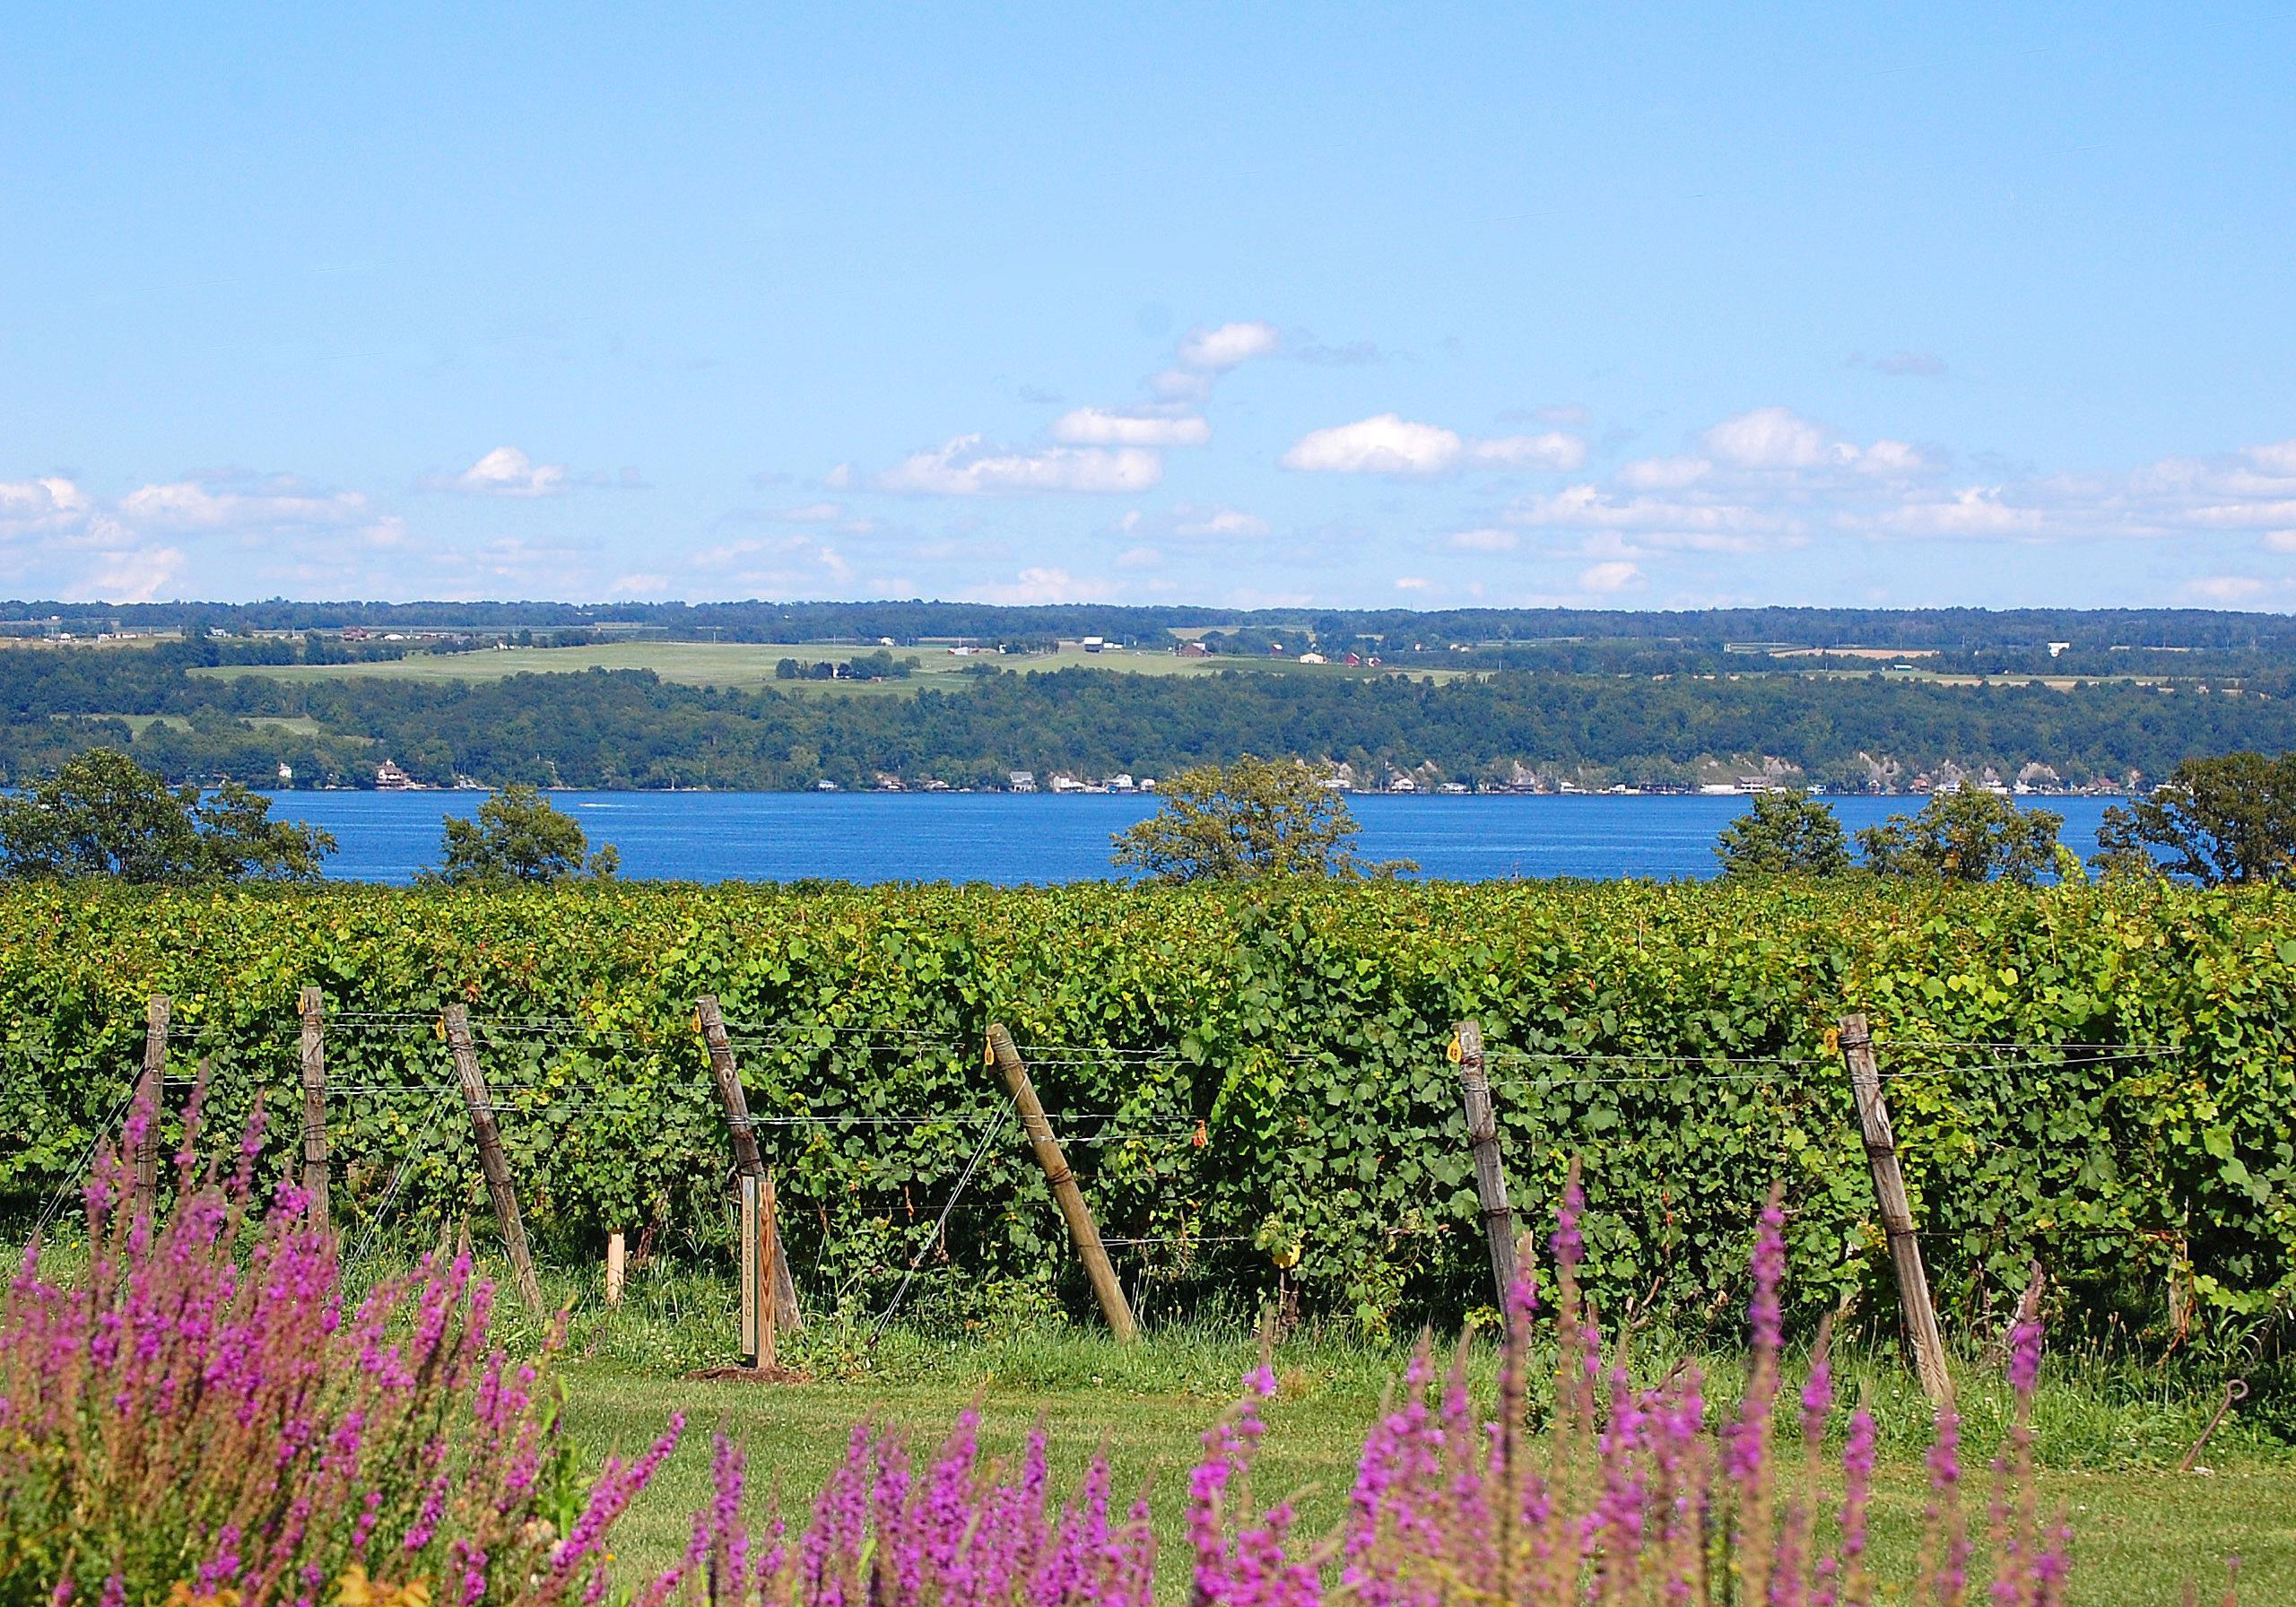 View of vineyards and Cayuga Lake